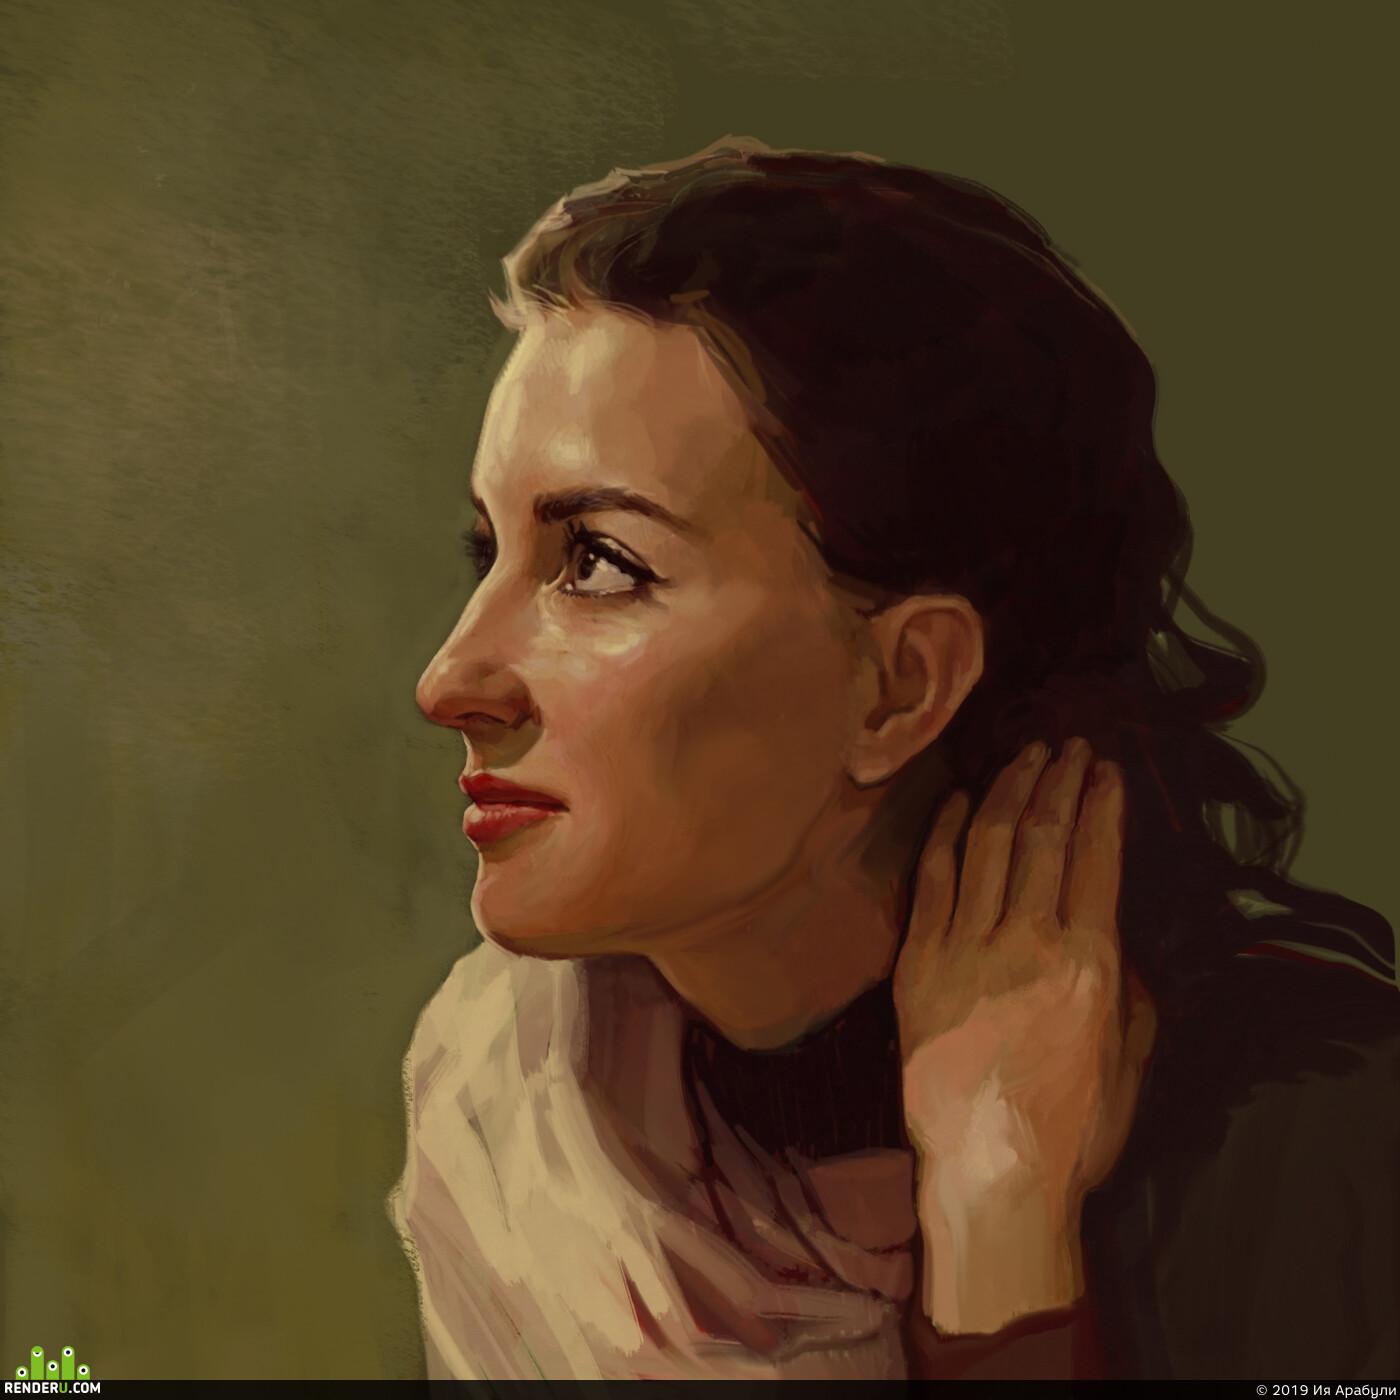 портрет, портрет девушки